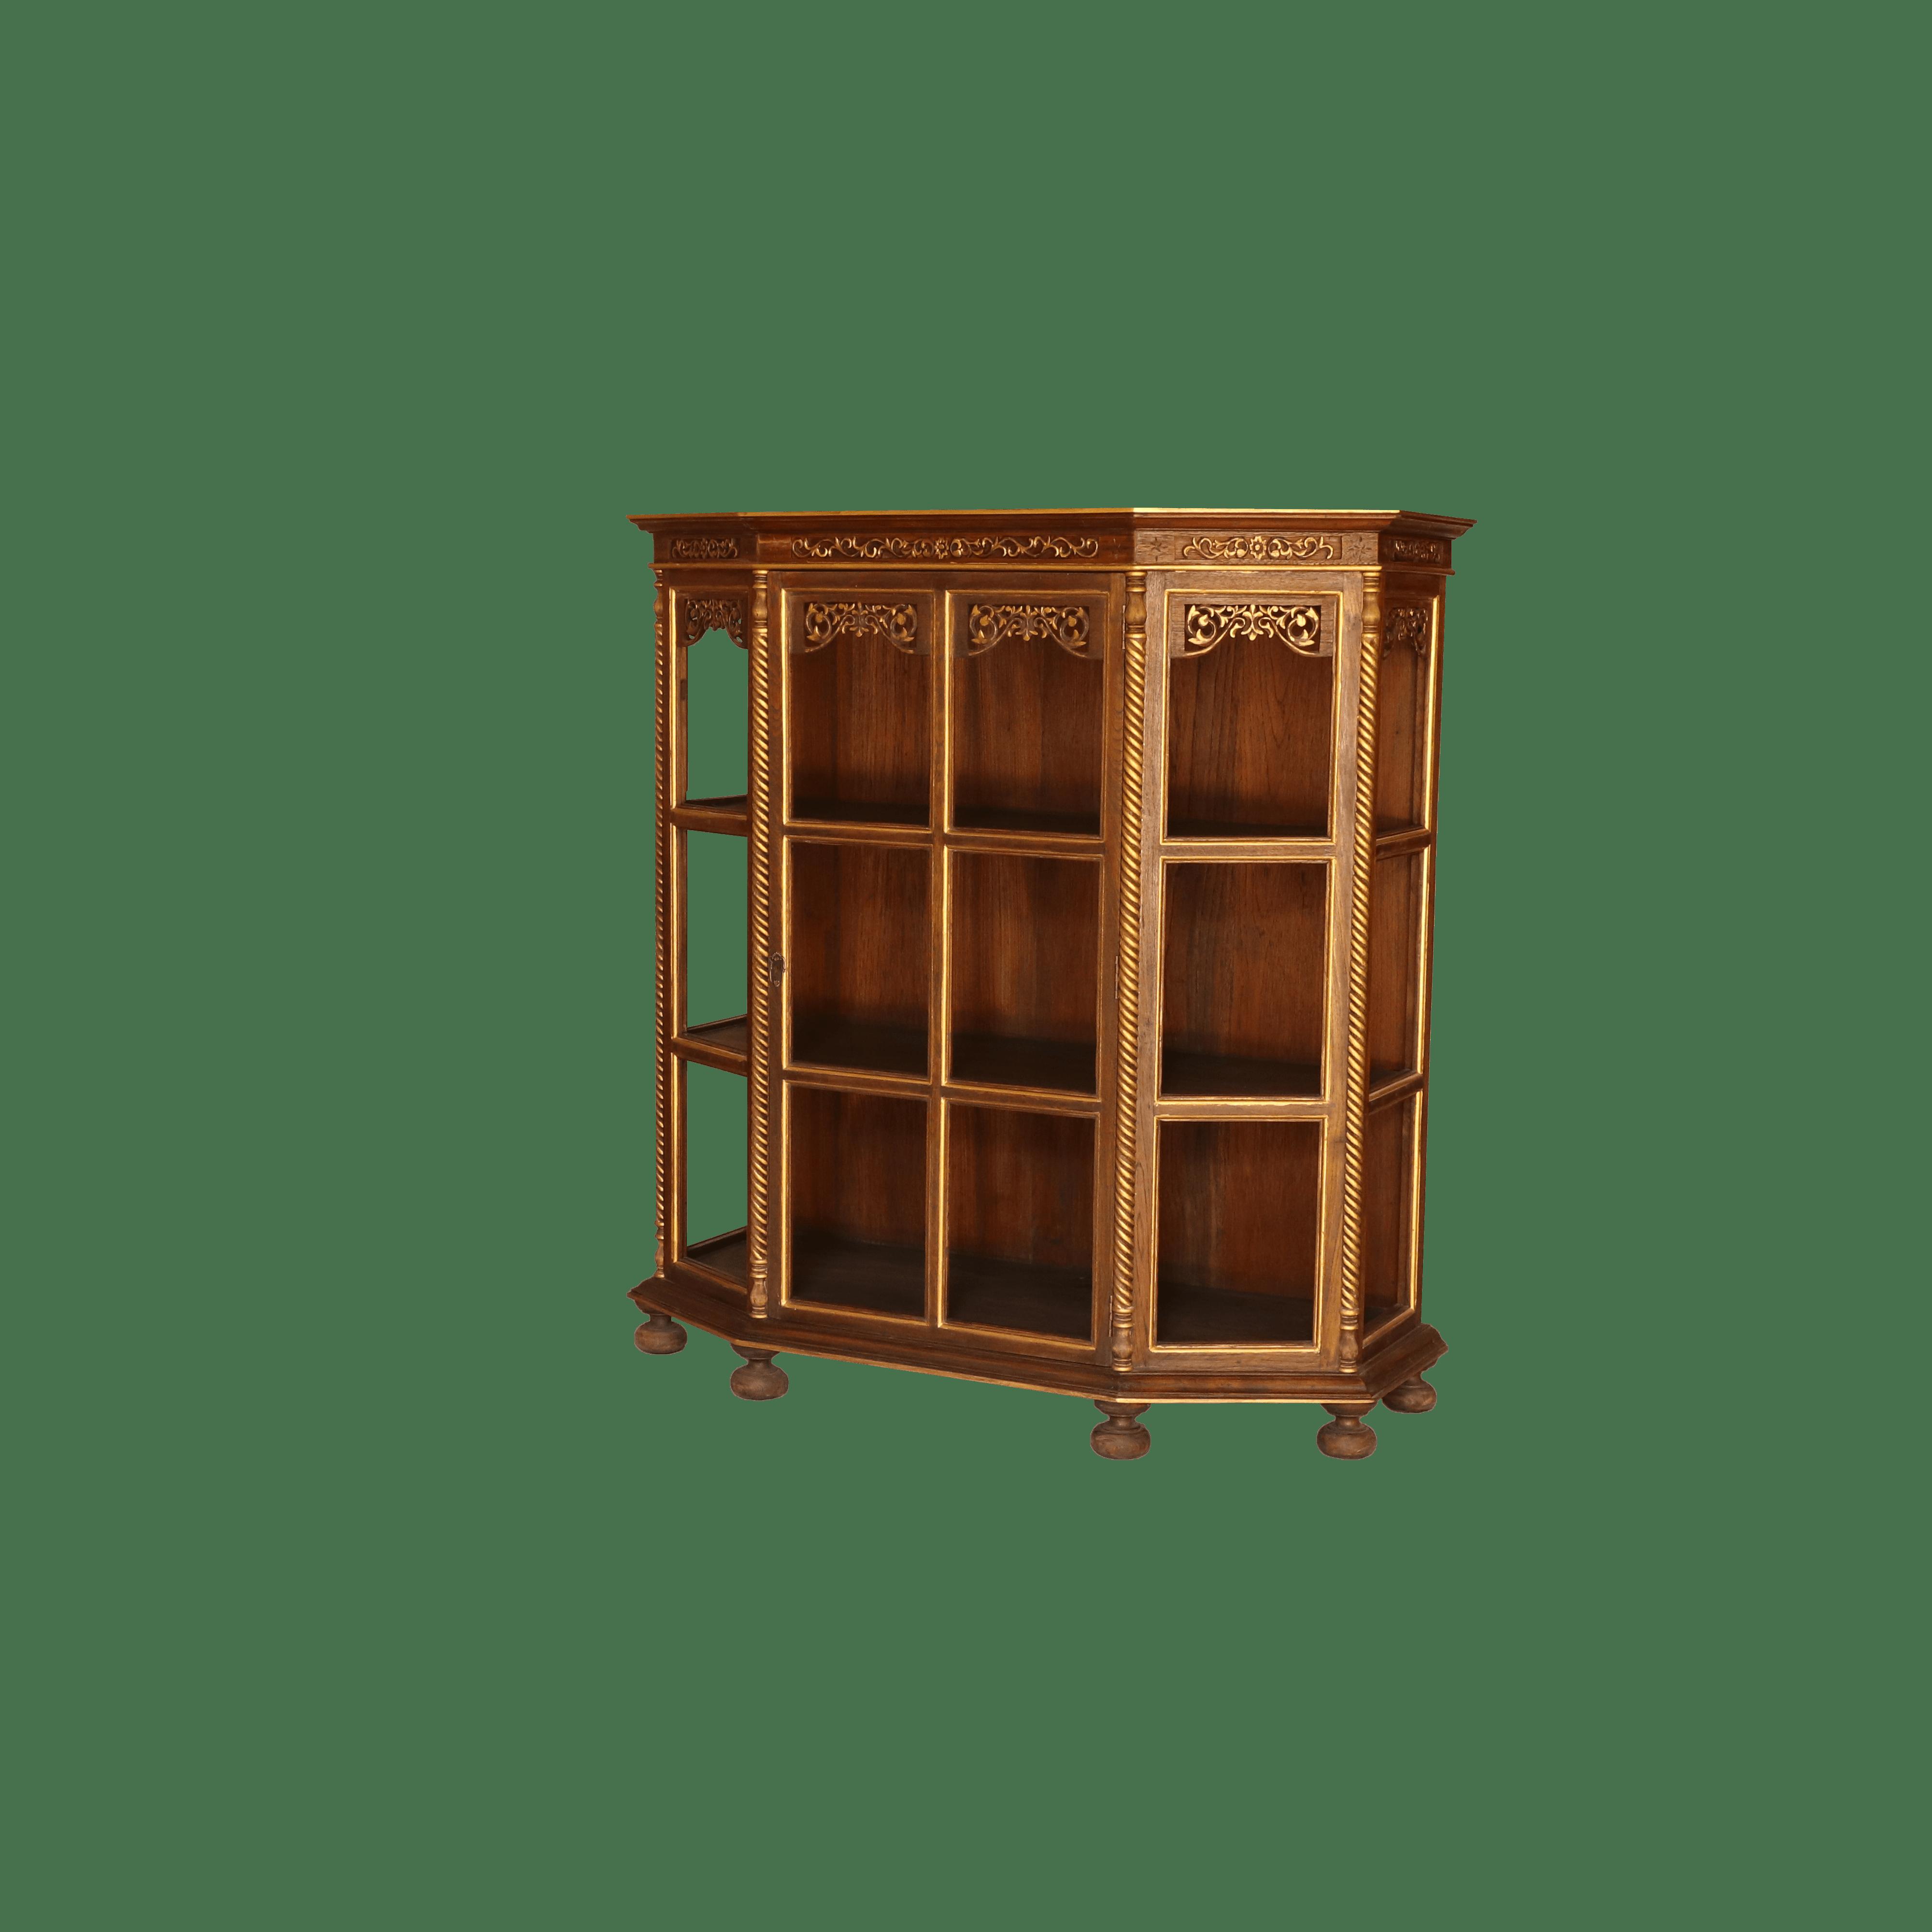 ตู้โบราณ (ปัดทอง)